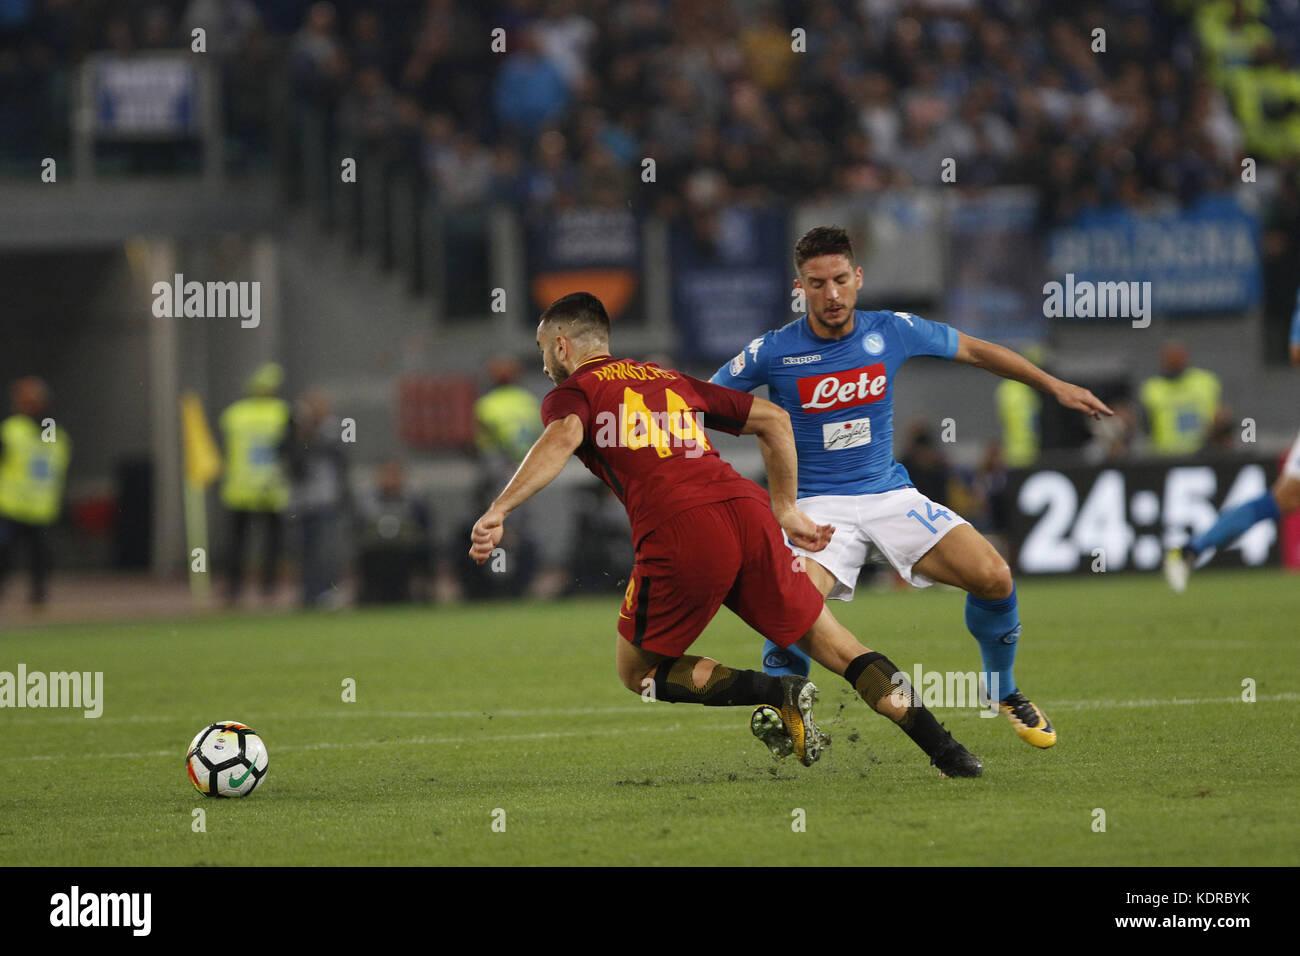 Italia Roma 14 Ottobre 2017 Una Serie Di Una Partita Di Calcio Allo Stadio Olimpico Tra Roma E Napoli Questa Sera Hanno Incontrato Nel Cosiddetto Derby Del Sud Di Roma E Napoli Roma Kostas